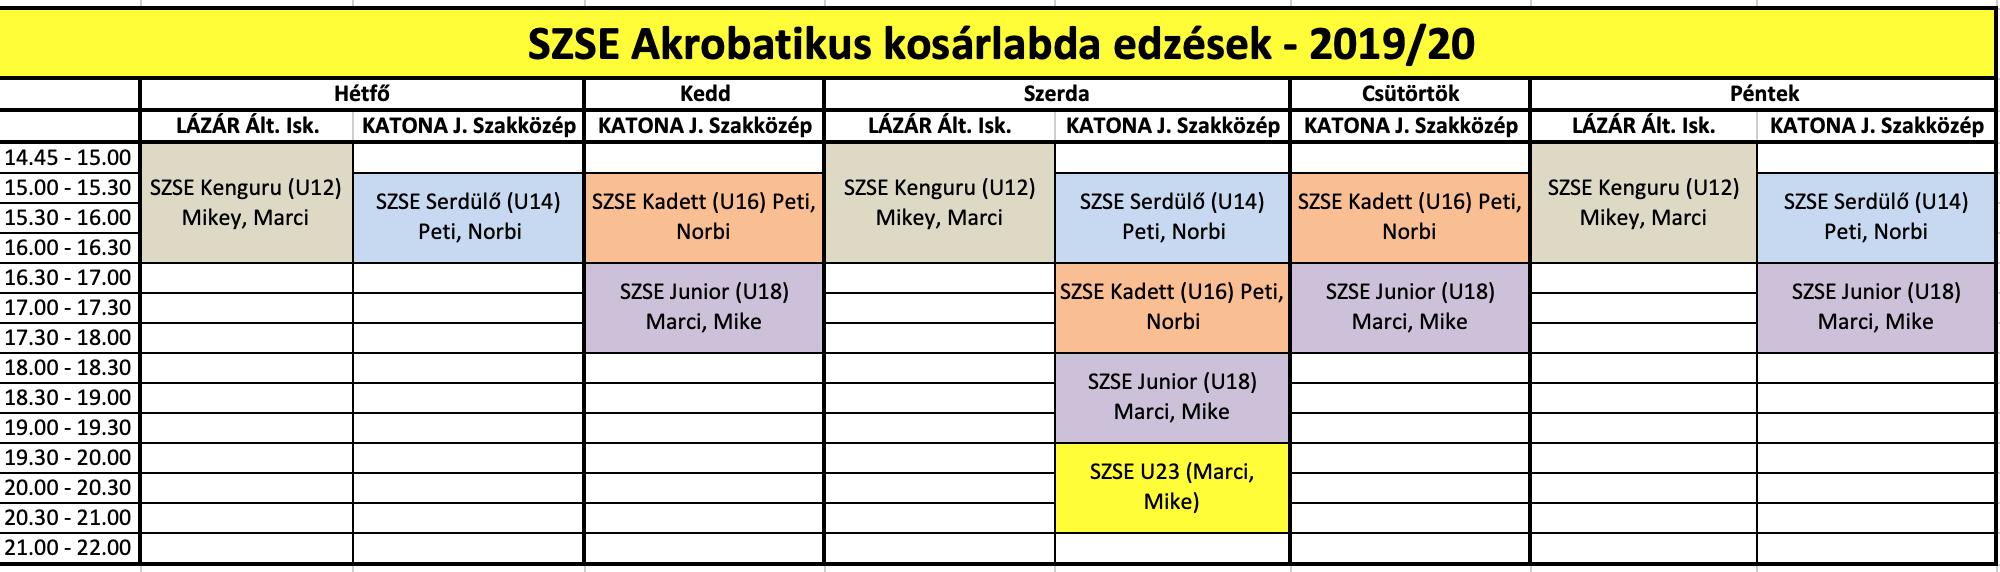 SZSE akrobatikus kosárlabda edzések 2019-20